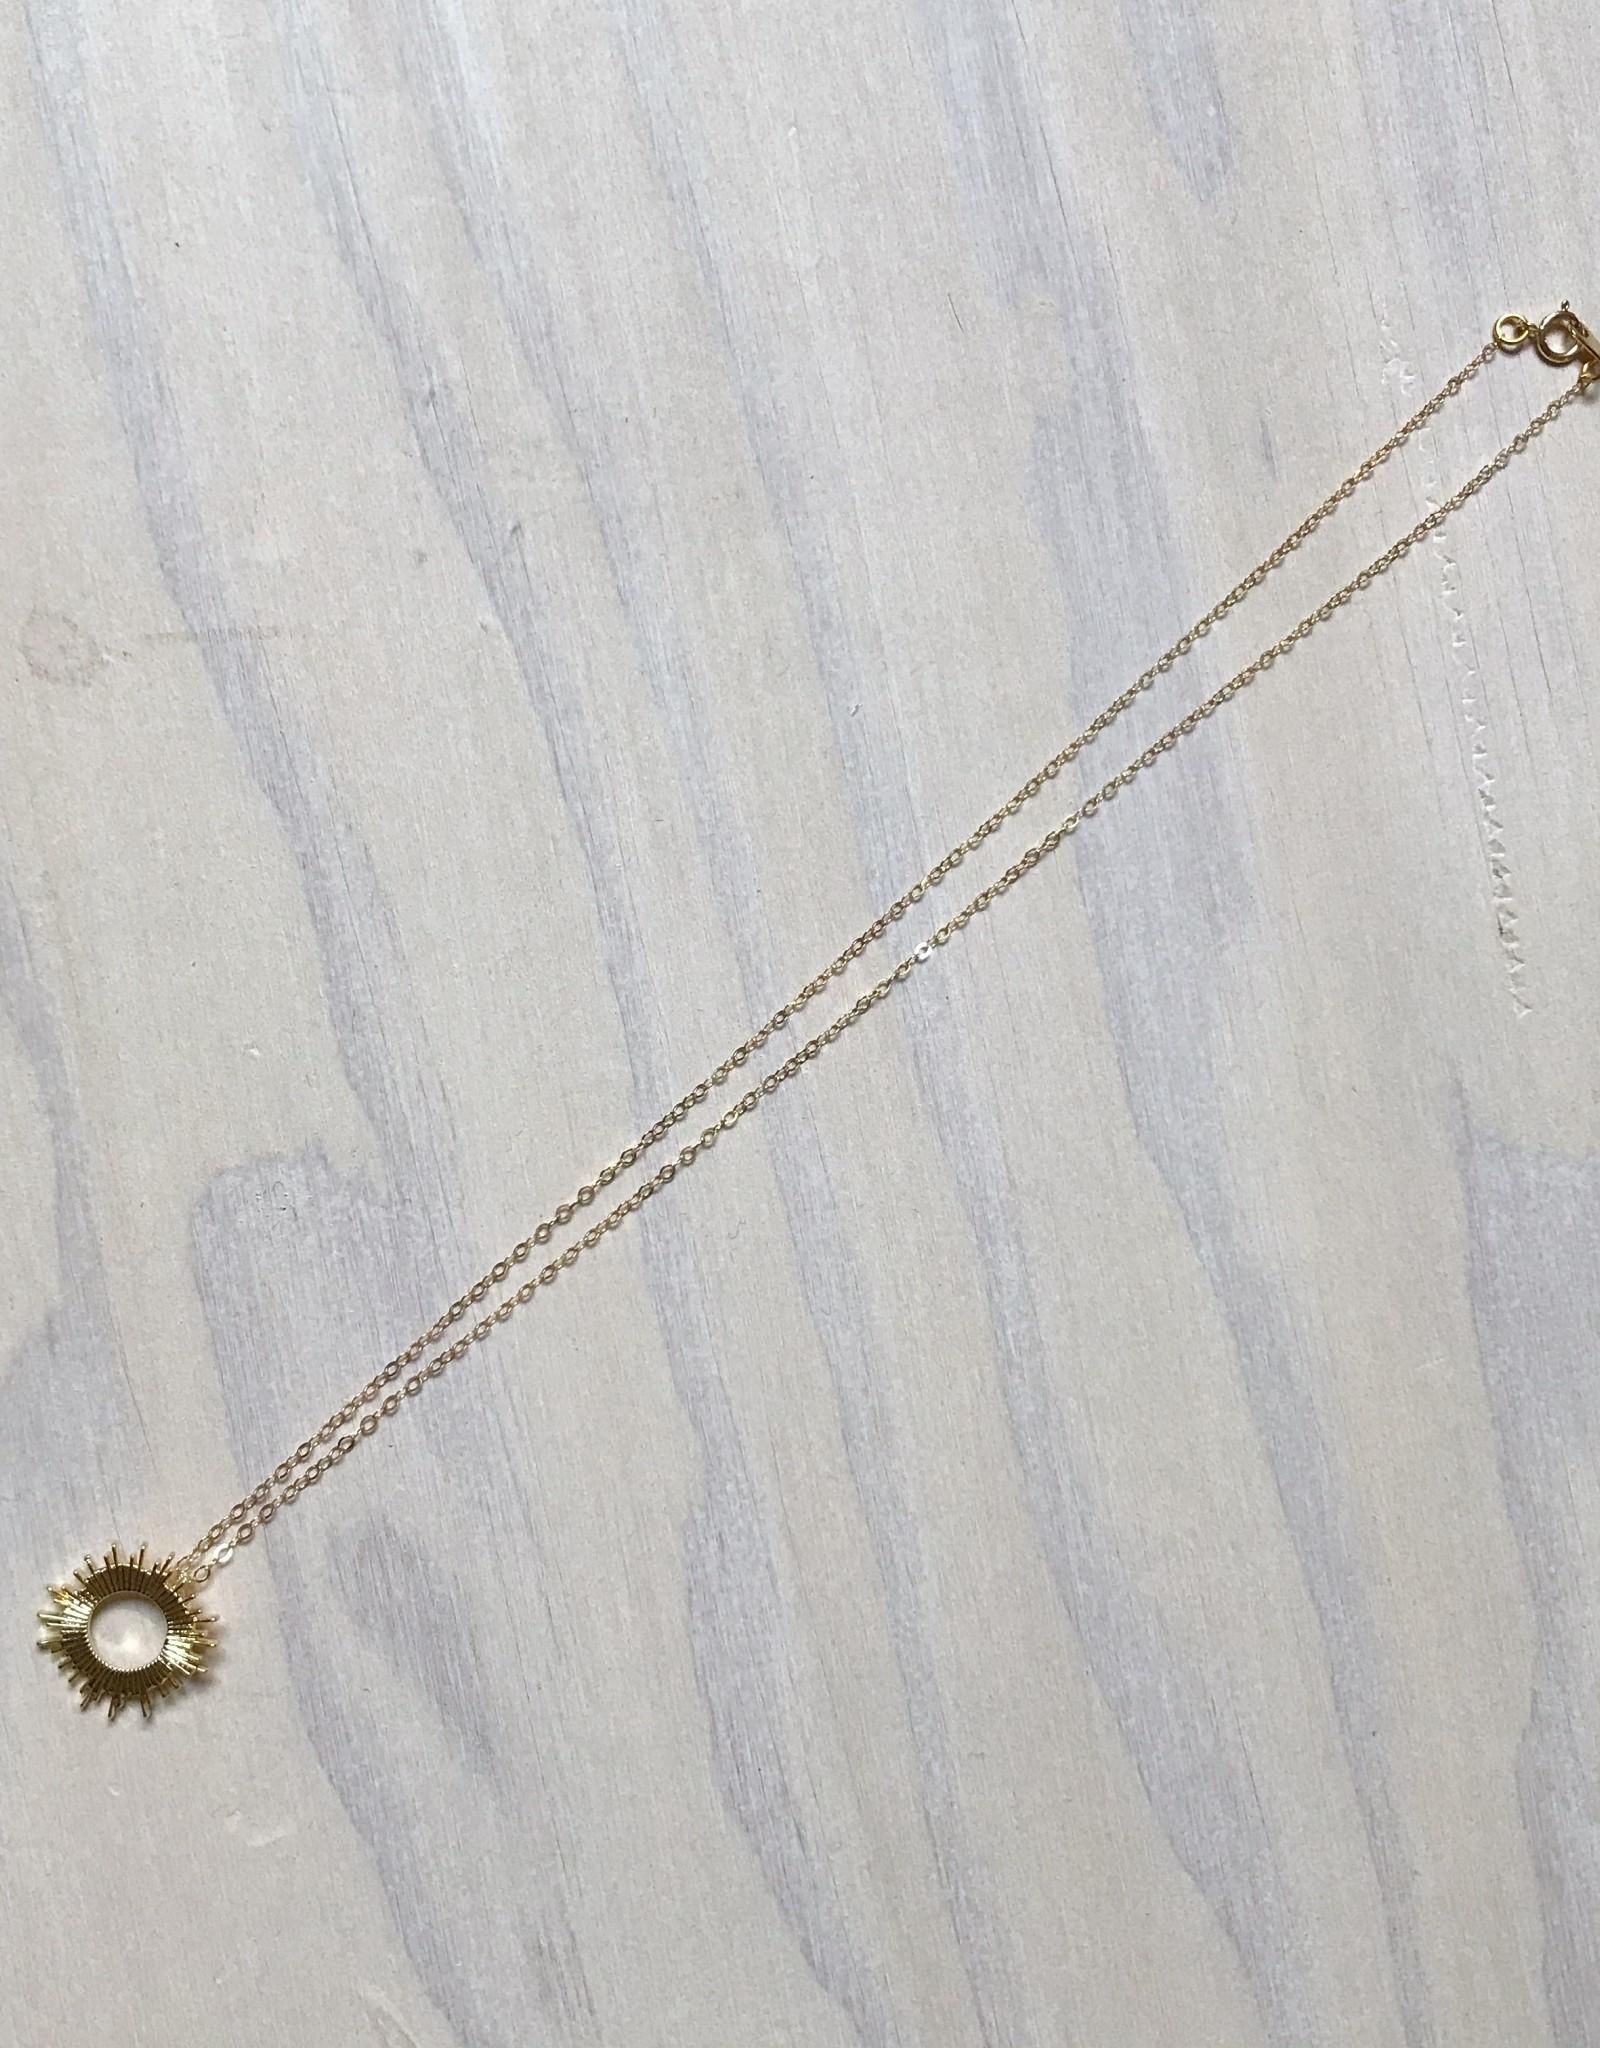 Devil May Wear Raggio Di Sole Necklace, Gold Plated, Gold Fill Chain